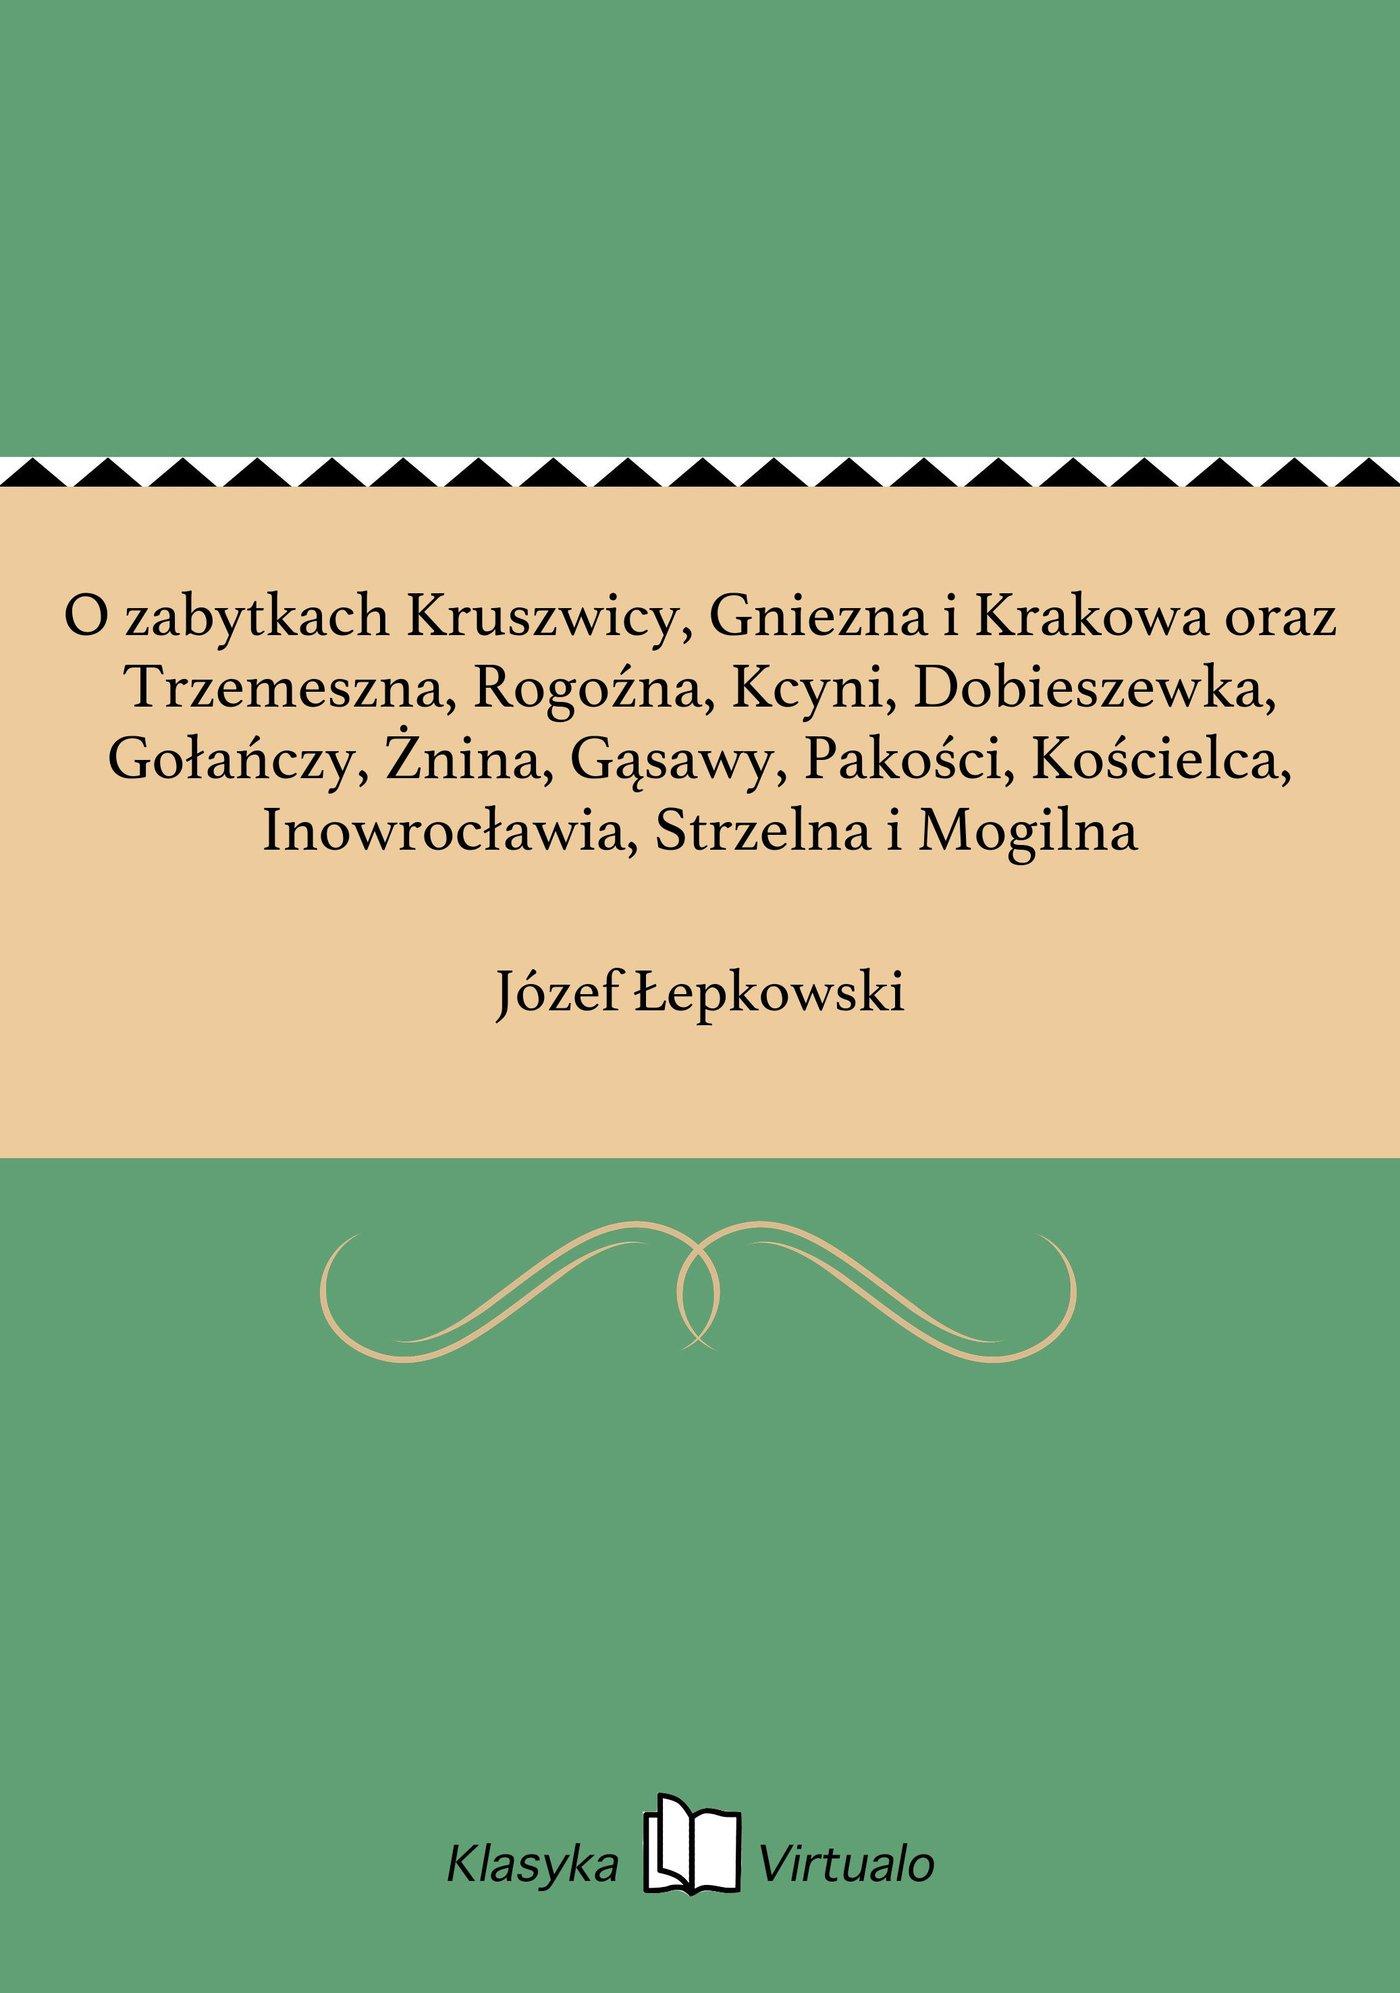 O zabytkach Kruszwicy, Gniezna i Krakowa oraz Trzemeszna, Rogoźna, Kcyni, Dobieszewka, Gołańczy, Żnina, Gąsawy, Pakości, Kościelca, Inowrocławia, Strzelna i Mogilna - Ebook (Książka EPUB) do pobrania w formacie EPUB